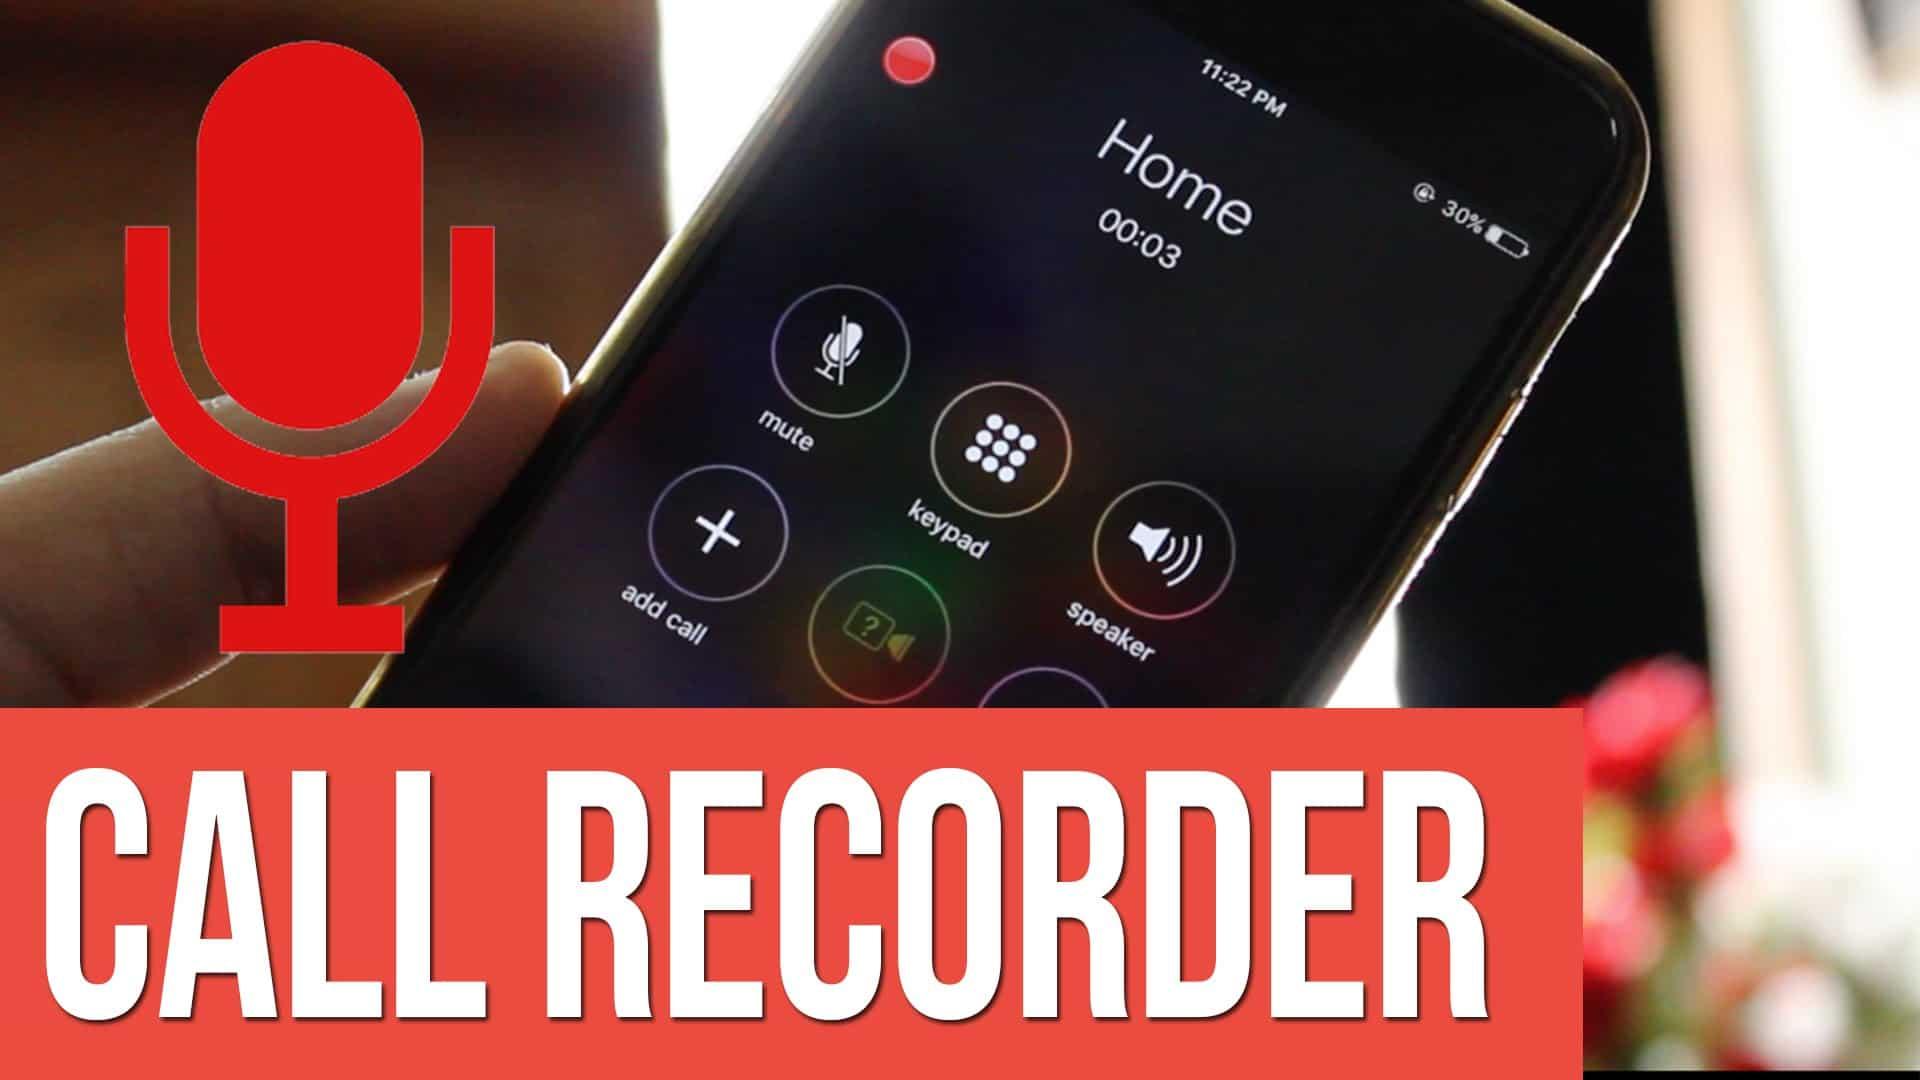 запис на разговор в iPhone